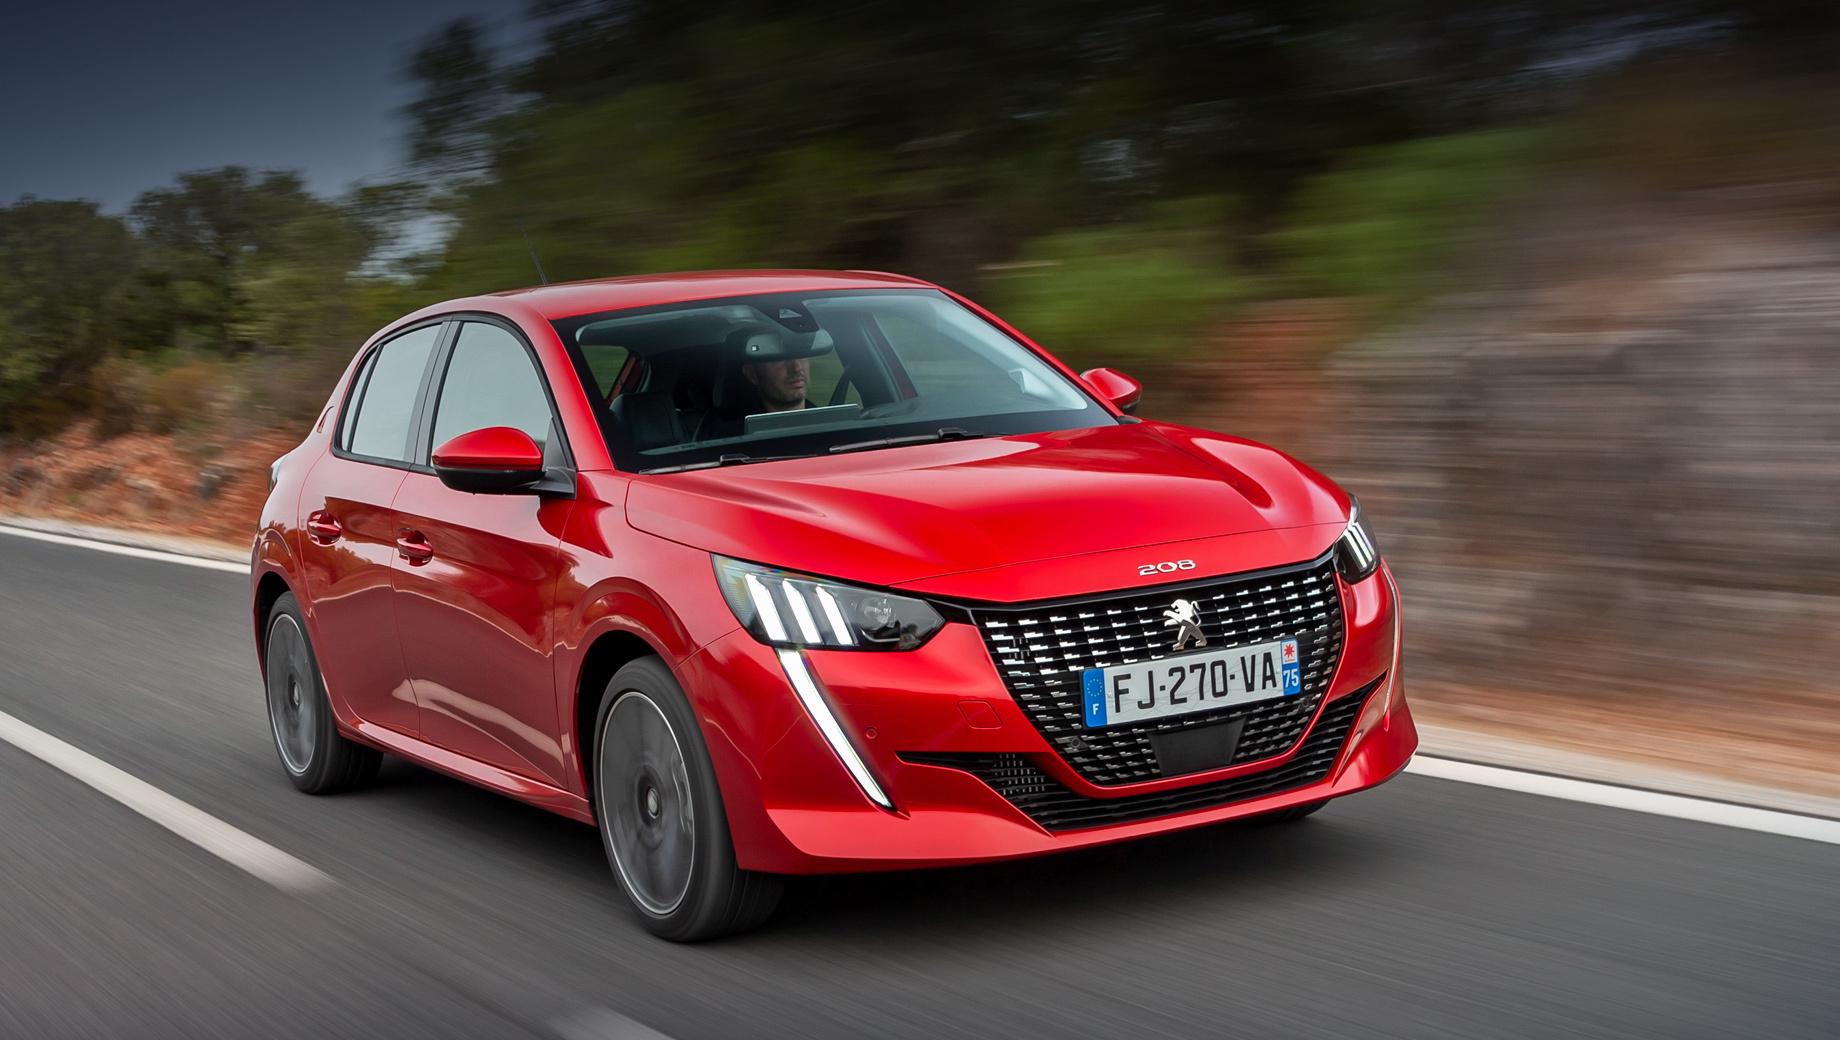 Peugeot 208. C момента запуска в Европе (продажи стартовали в октябре 2019-го) новый «двести восьмой» нашёл почти 110 000 покупателей. Цены начинаются с 15 490 евро (1,15 млн рублей). На электрическую версию e-208 (от 30 450 евро) пришлось 15% спроса.